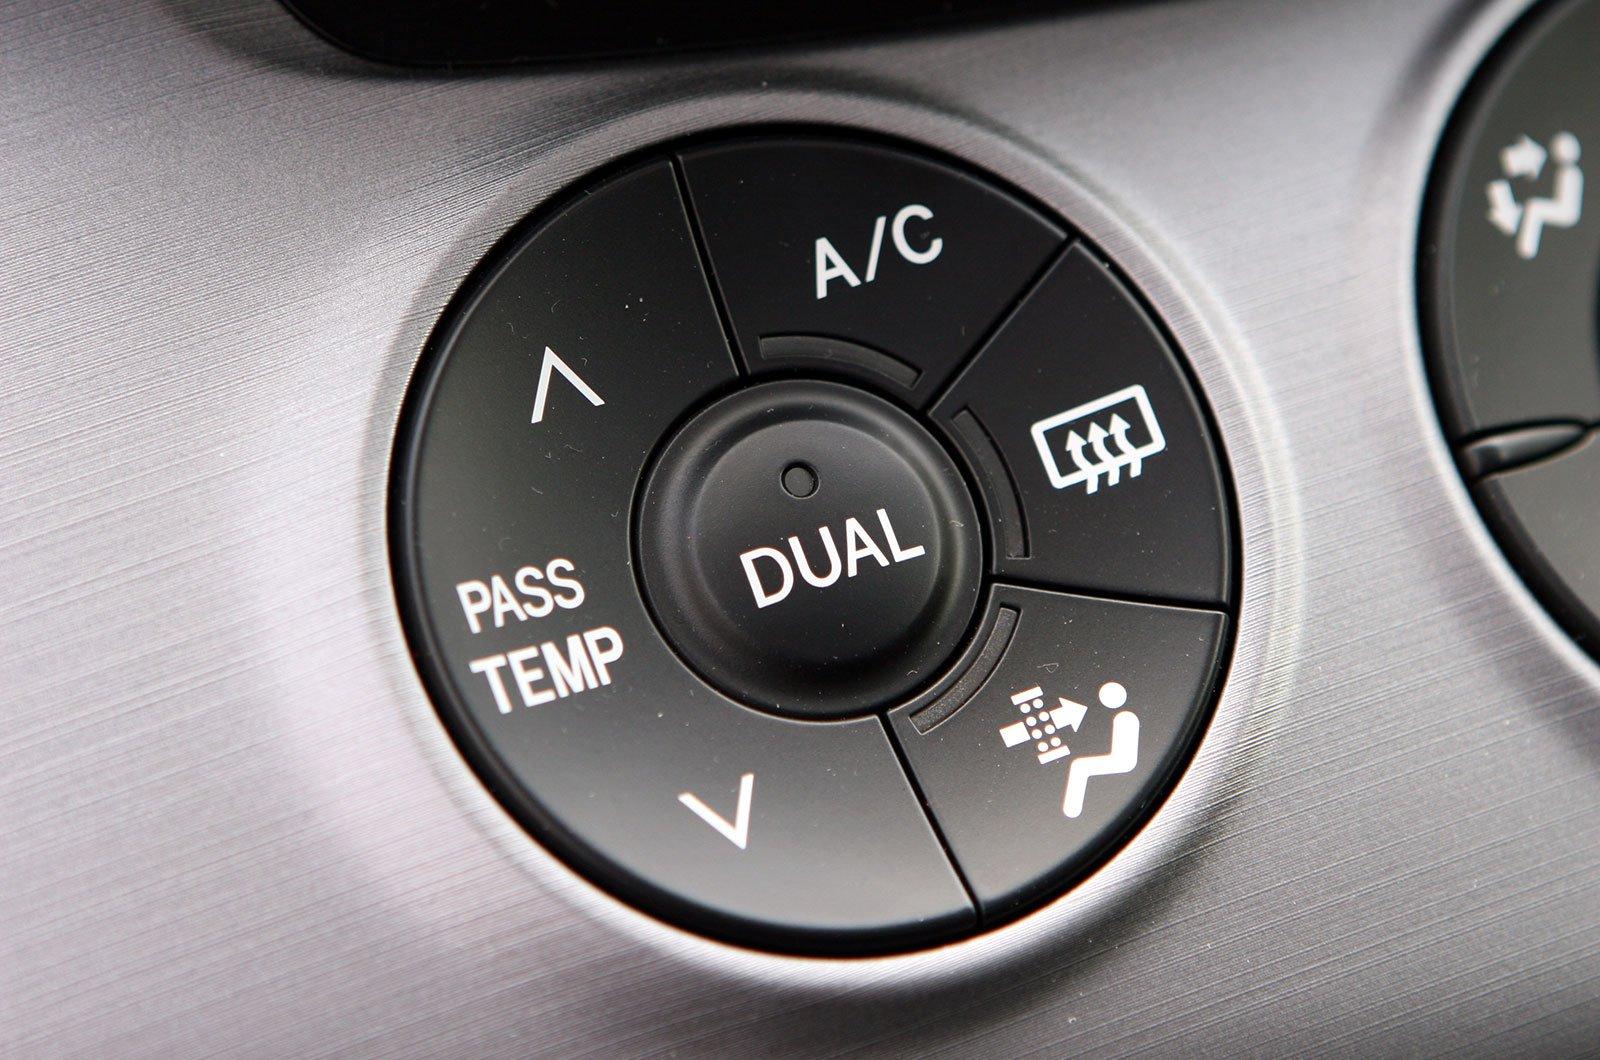 Air-con controls